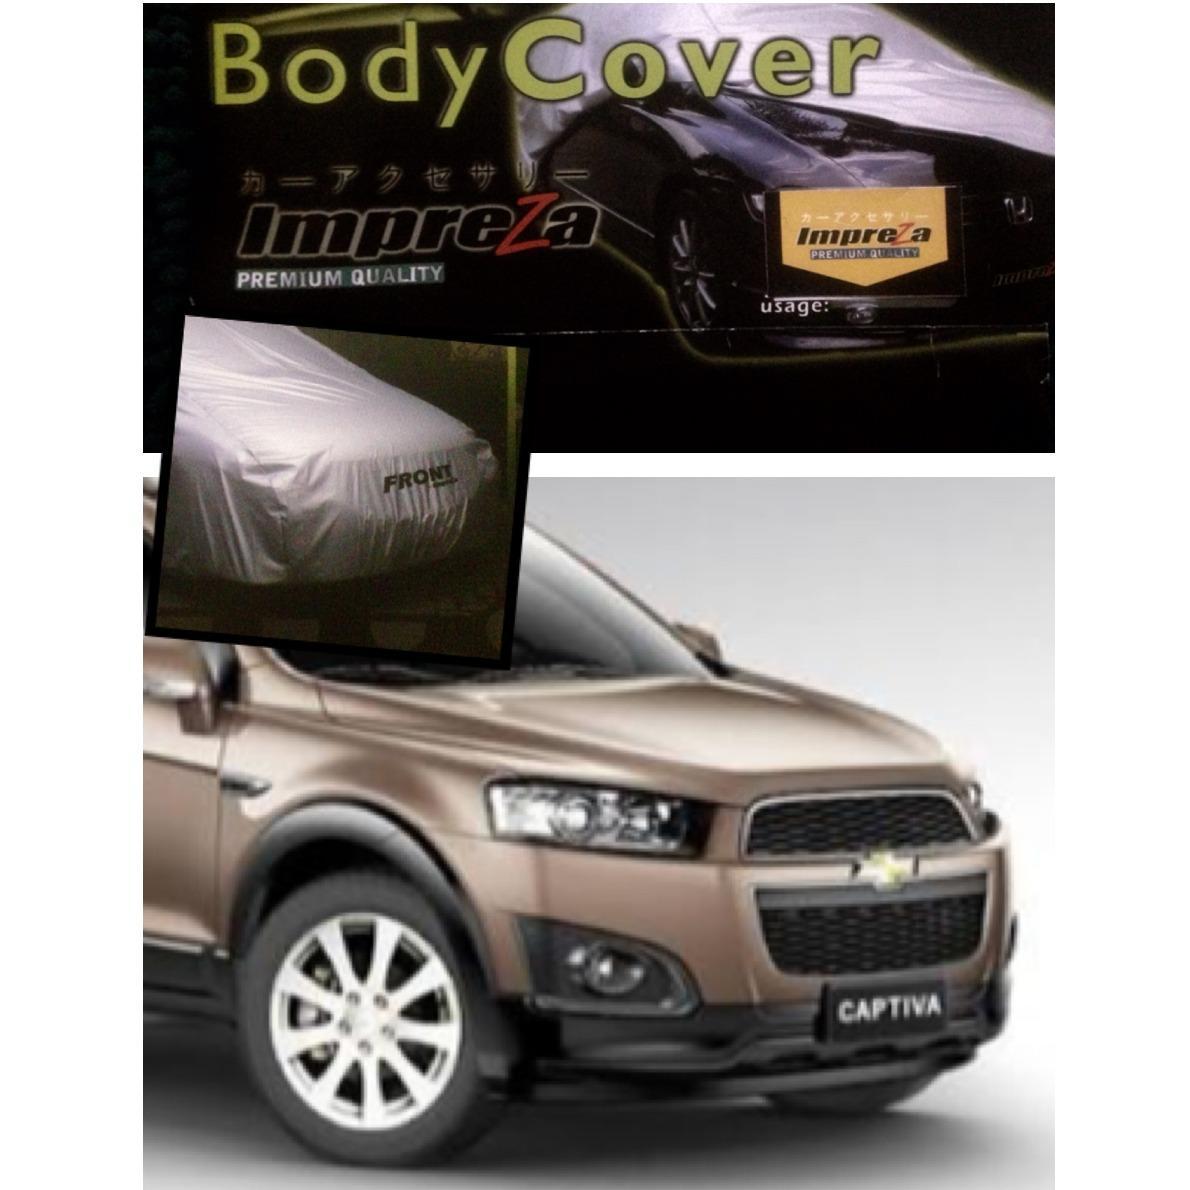 Impreza Body Cover Mobil Chevrolet Captiva - Grey/selimut mobil/pelindung mobil